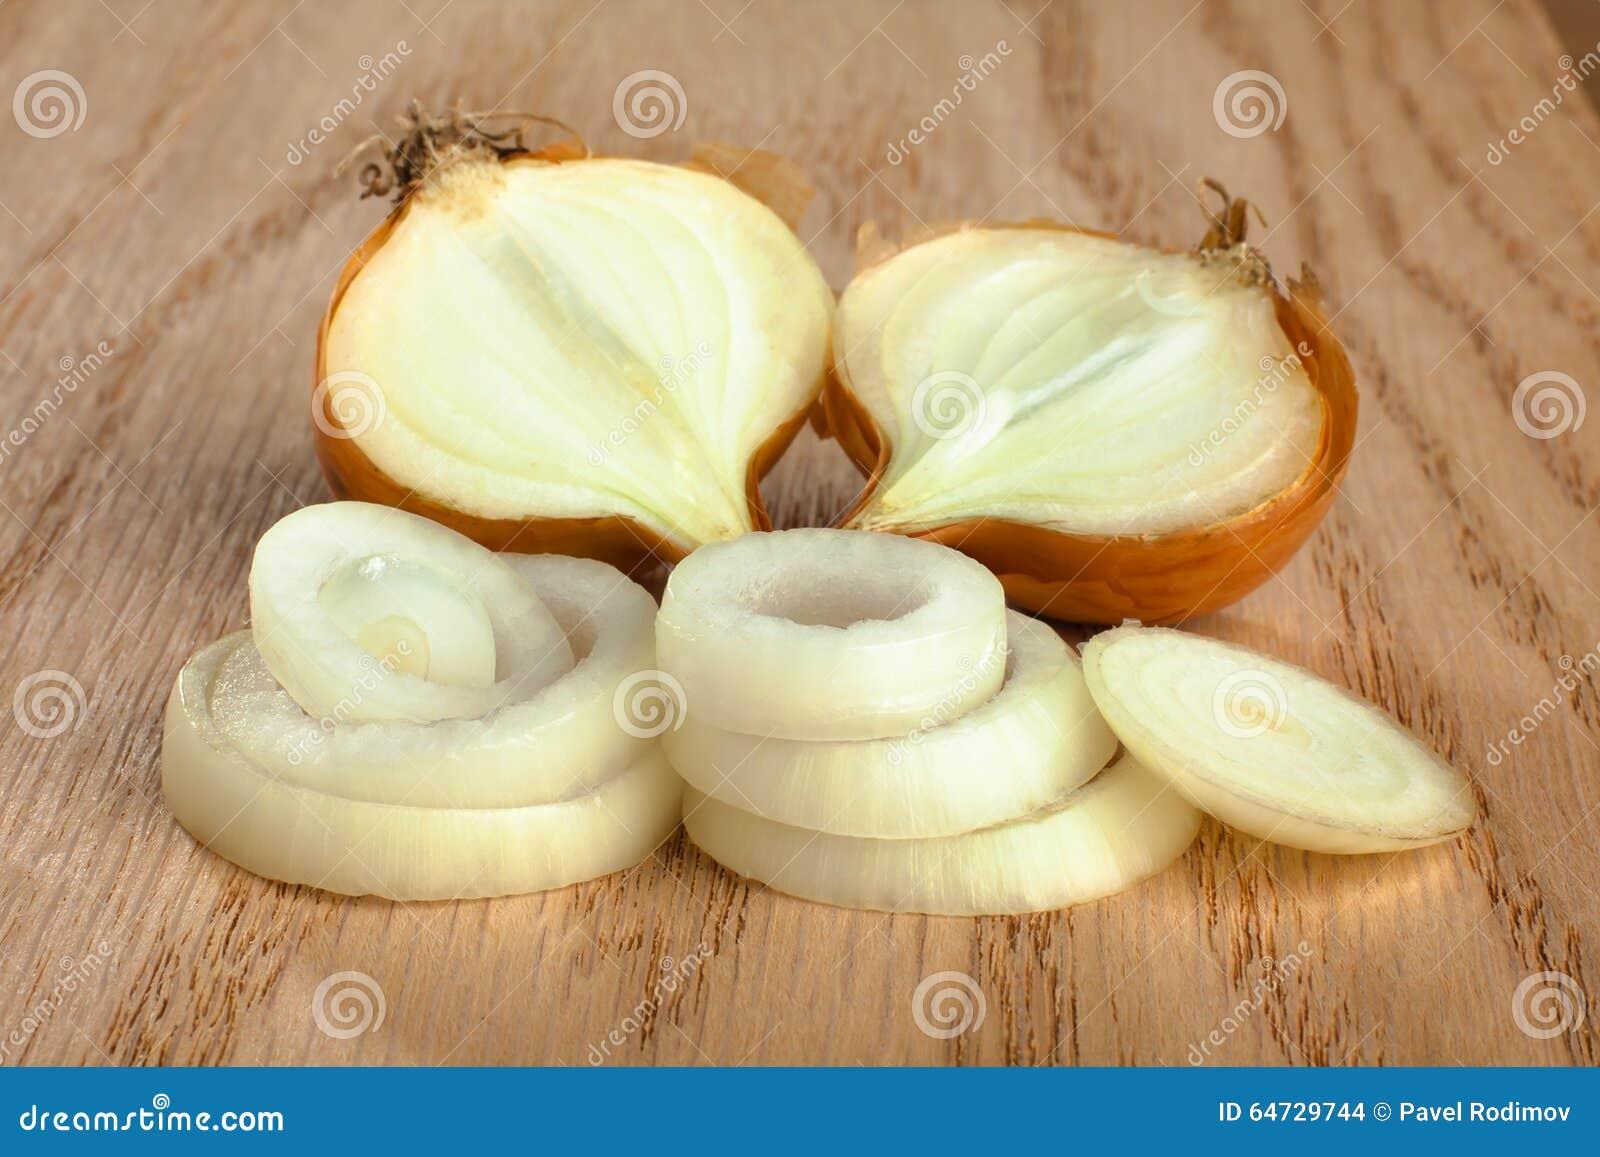 Cipolle affettate fresche su fondo di legno